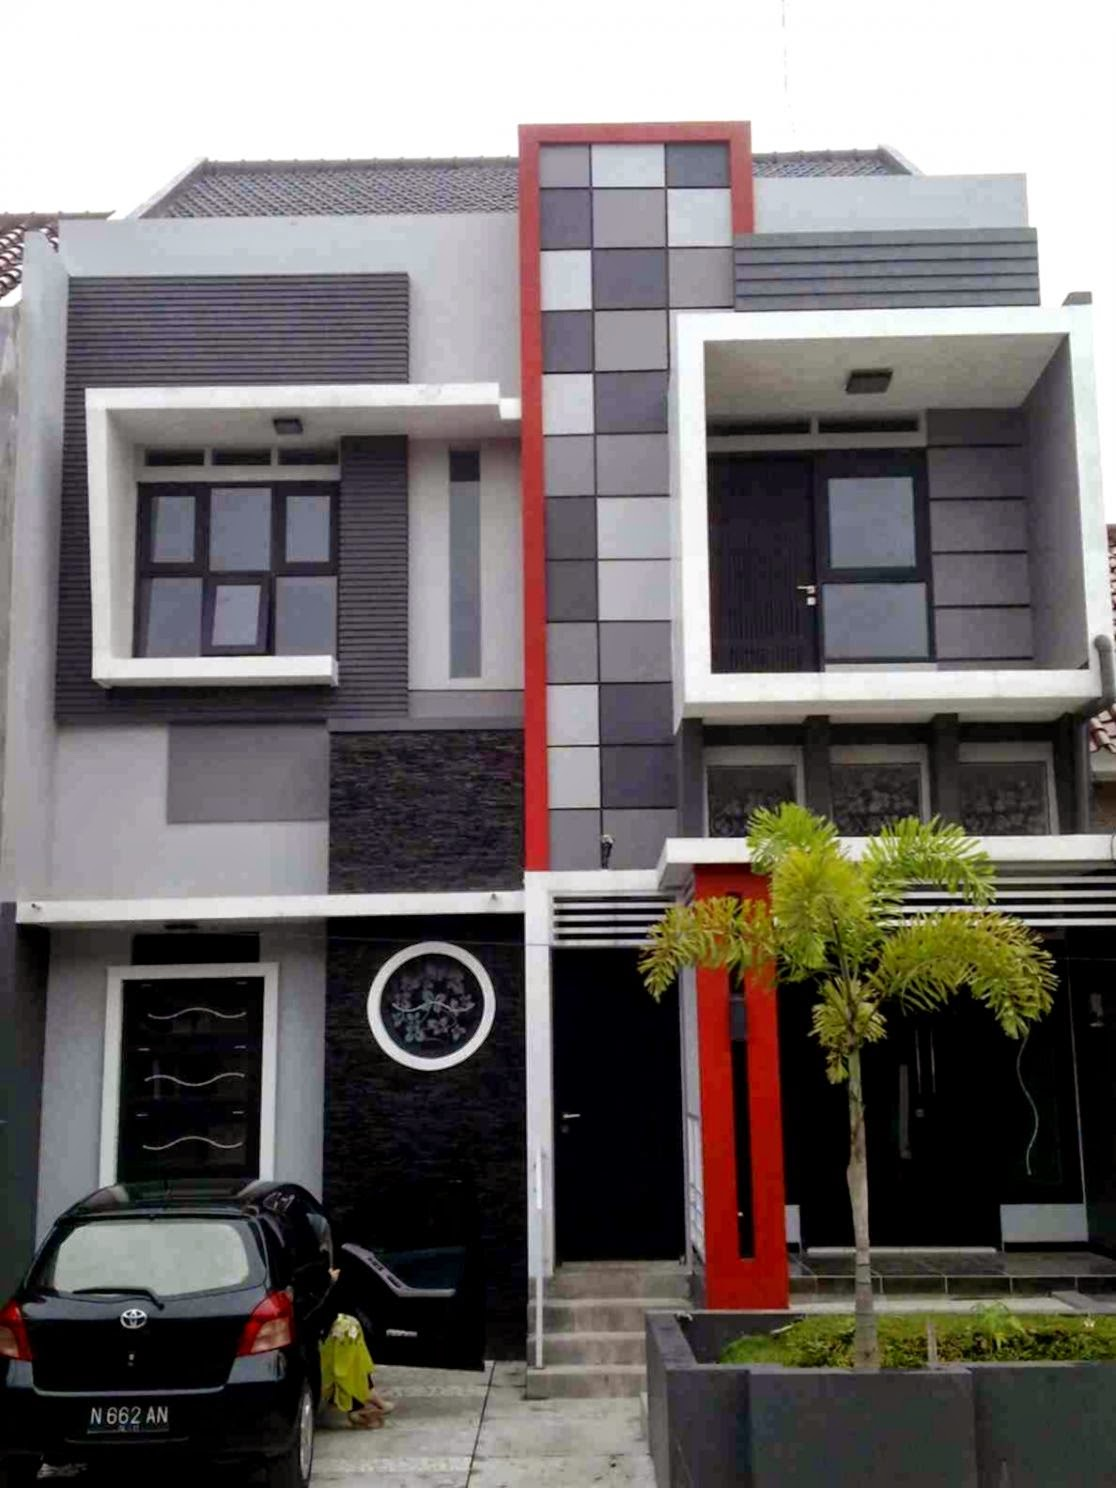 Desain Rumah 2 Lantai Minimalis Modern Design Rumah Minimalis